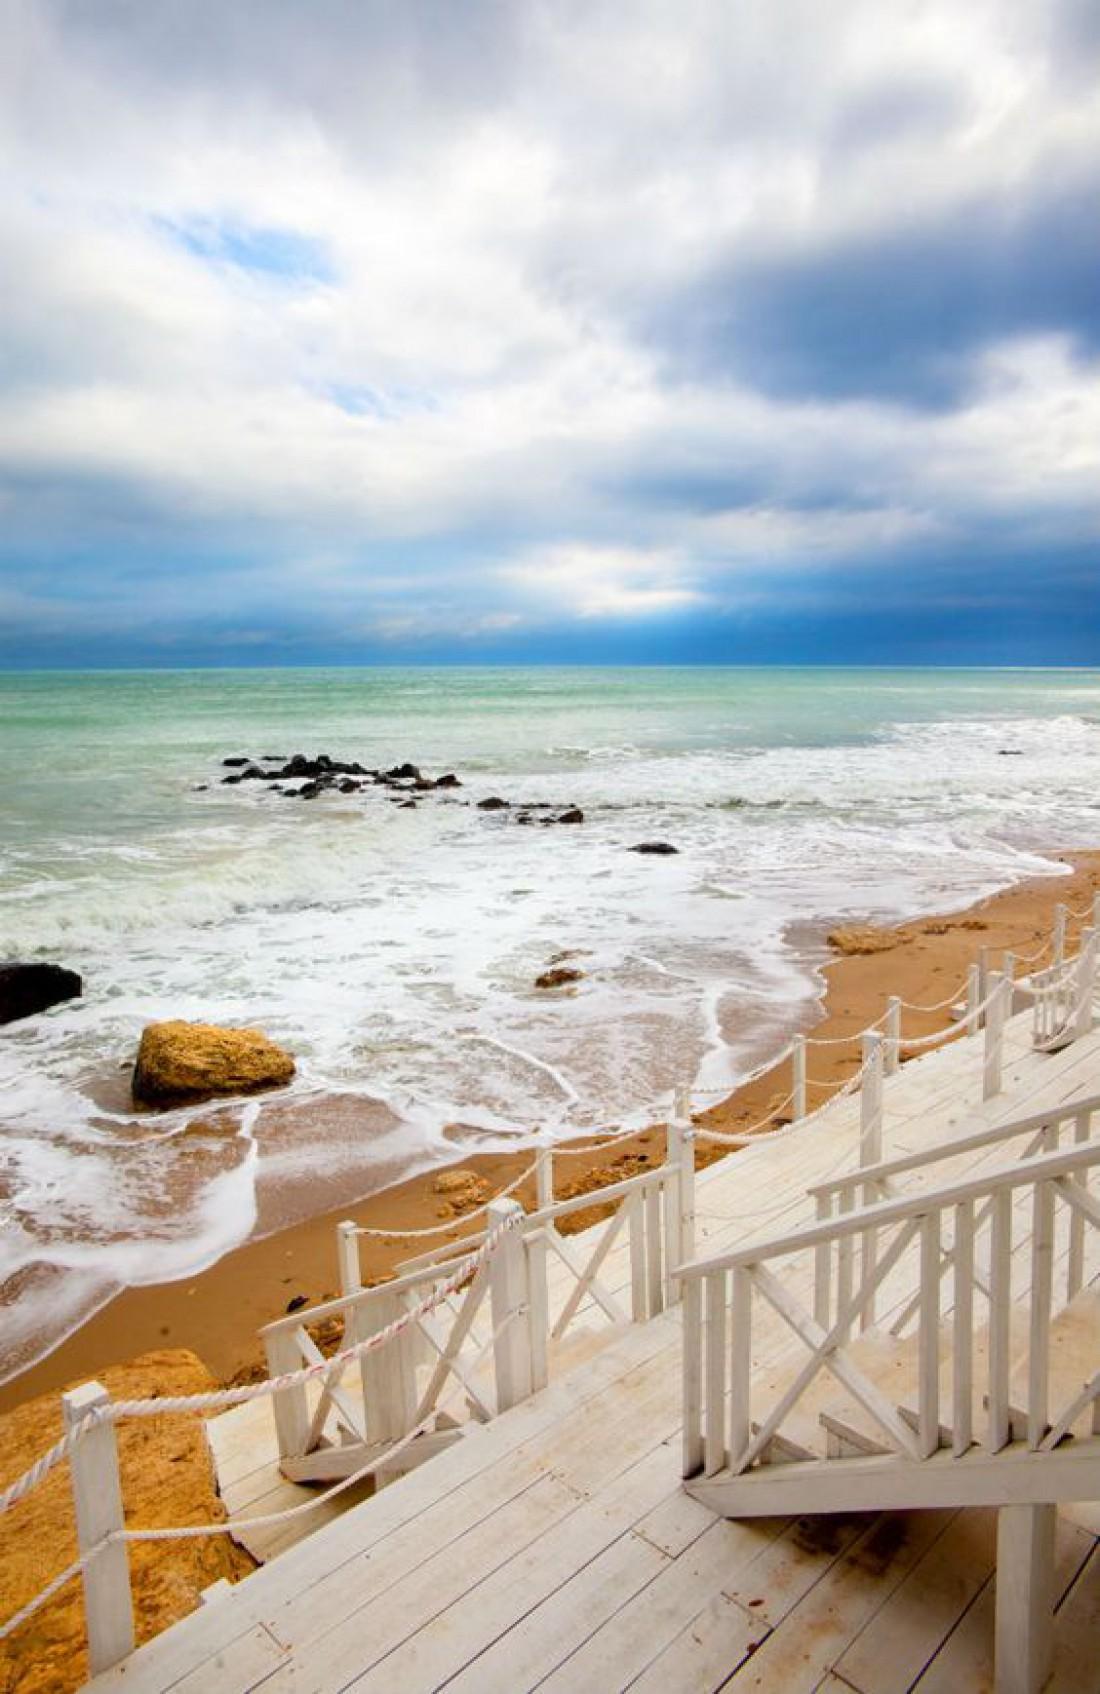 Варна известна своими пляжами